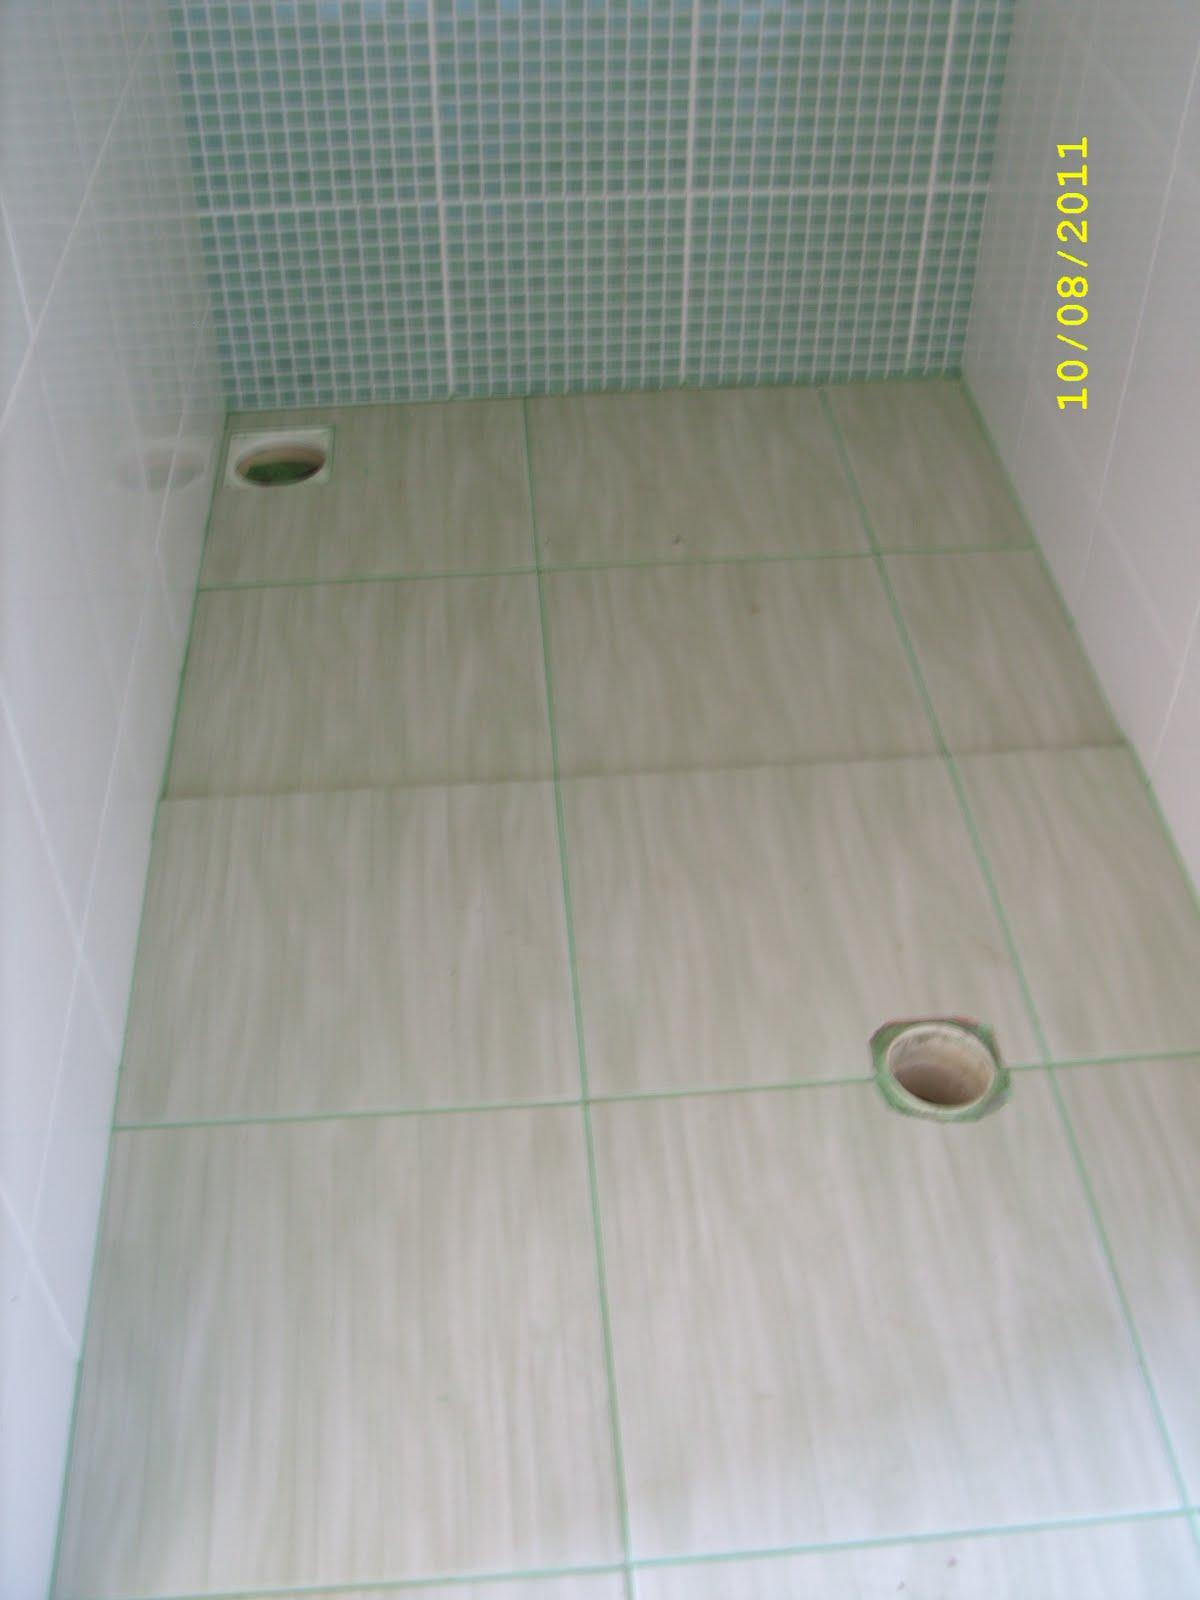 Adilson Simone e Lilica em construção!!!: Pisos banheiros #A6A823 1200x1600 Banheiro Com Rejunte Azul